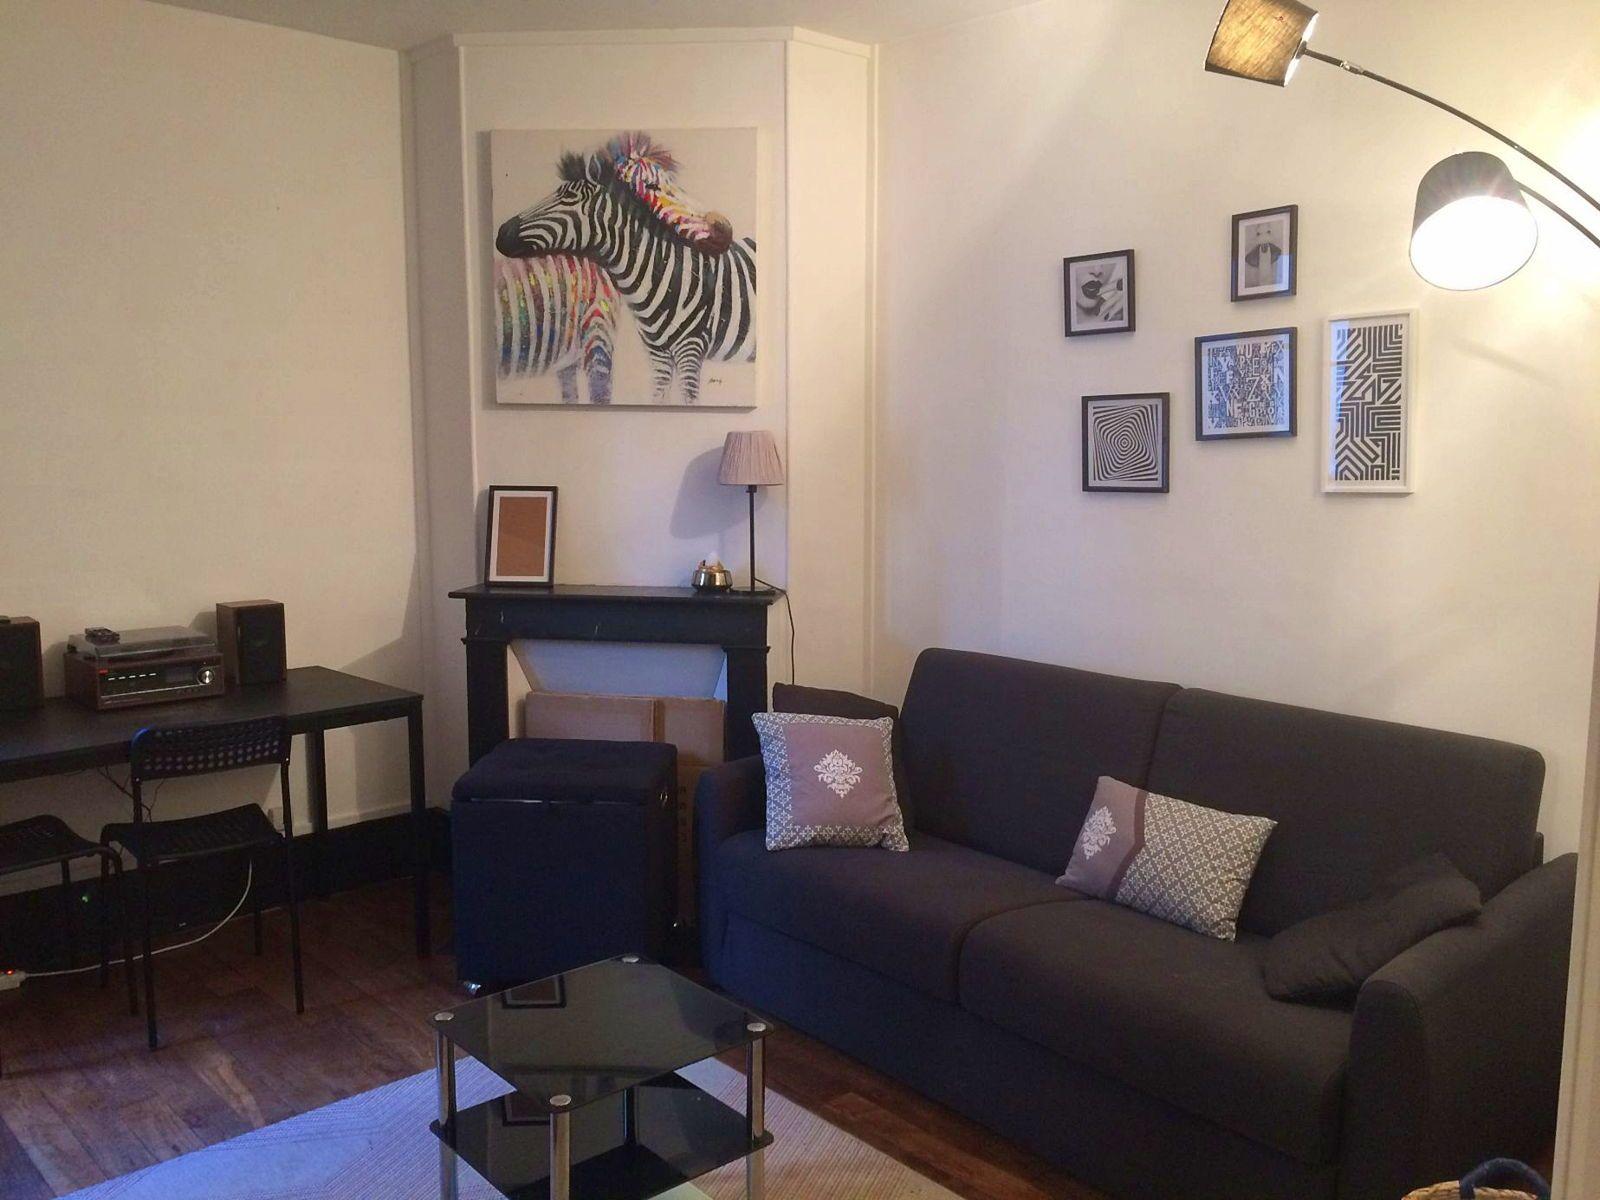 Loue Studio meublé 26m² - libre à partir du 1er mai 2021- Clichy 92